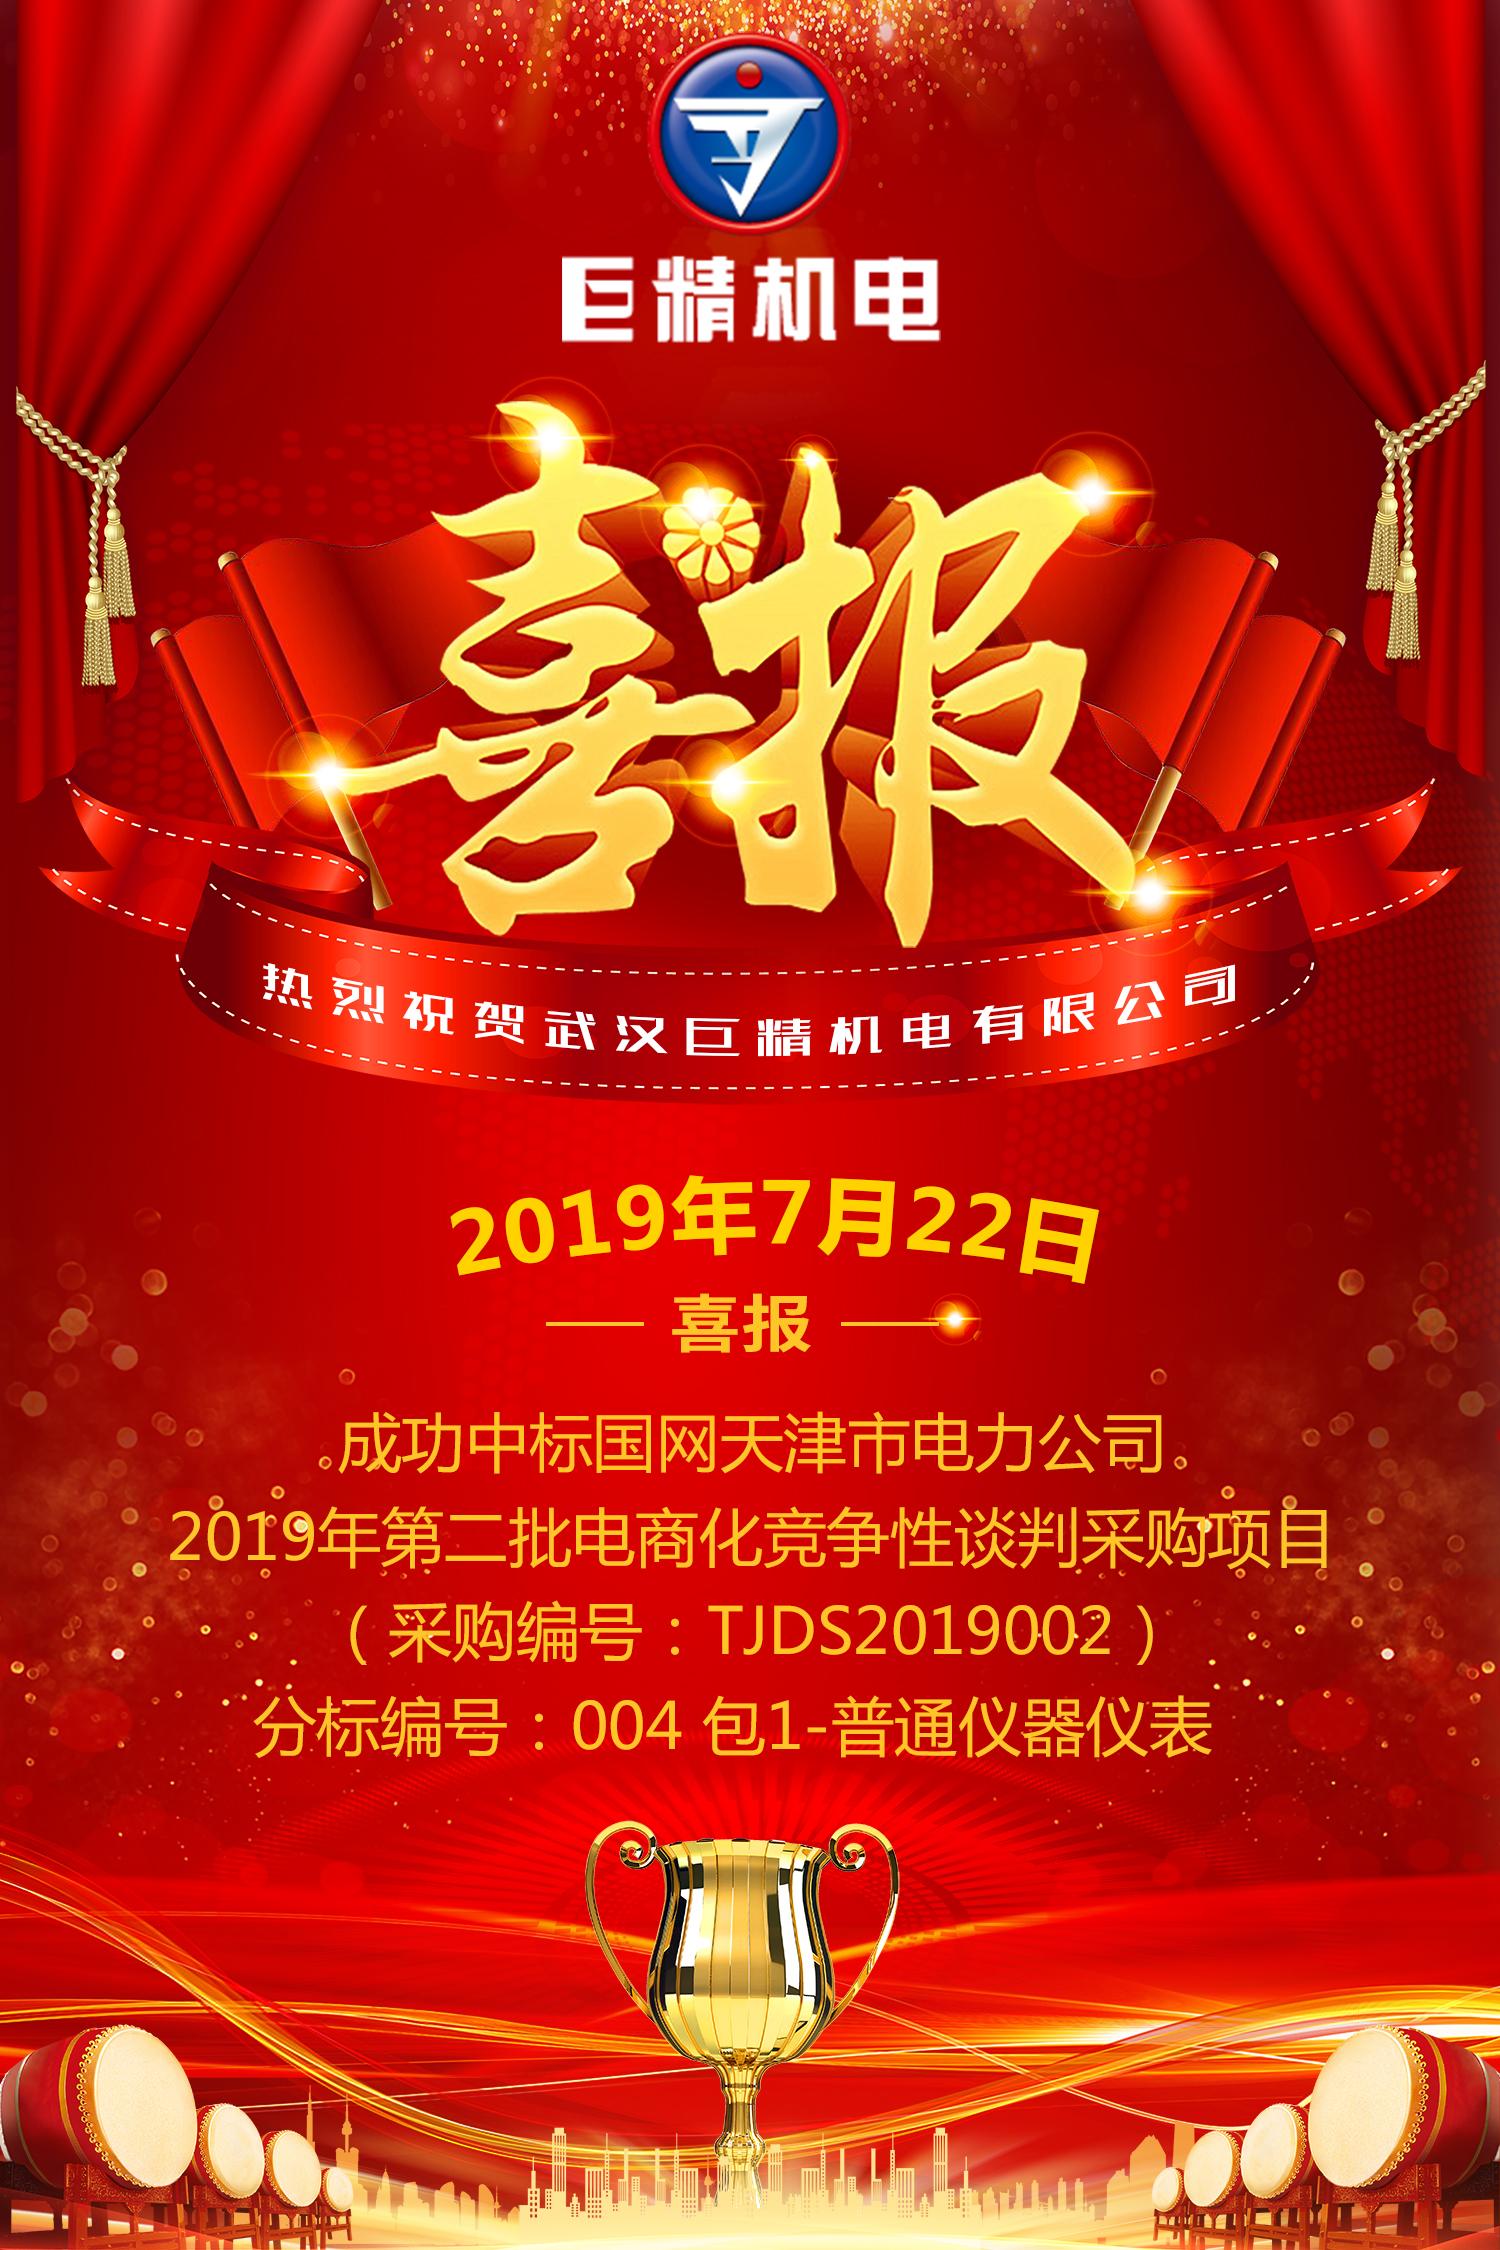 热烈祝贺武汉巨精中标国网天津市电力公司2019年第二批电商化竞争性谈判采购项目